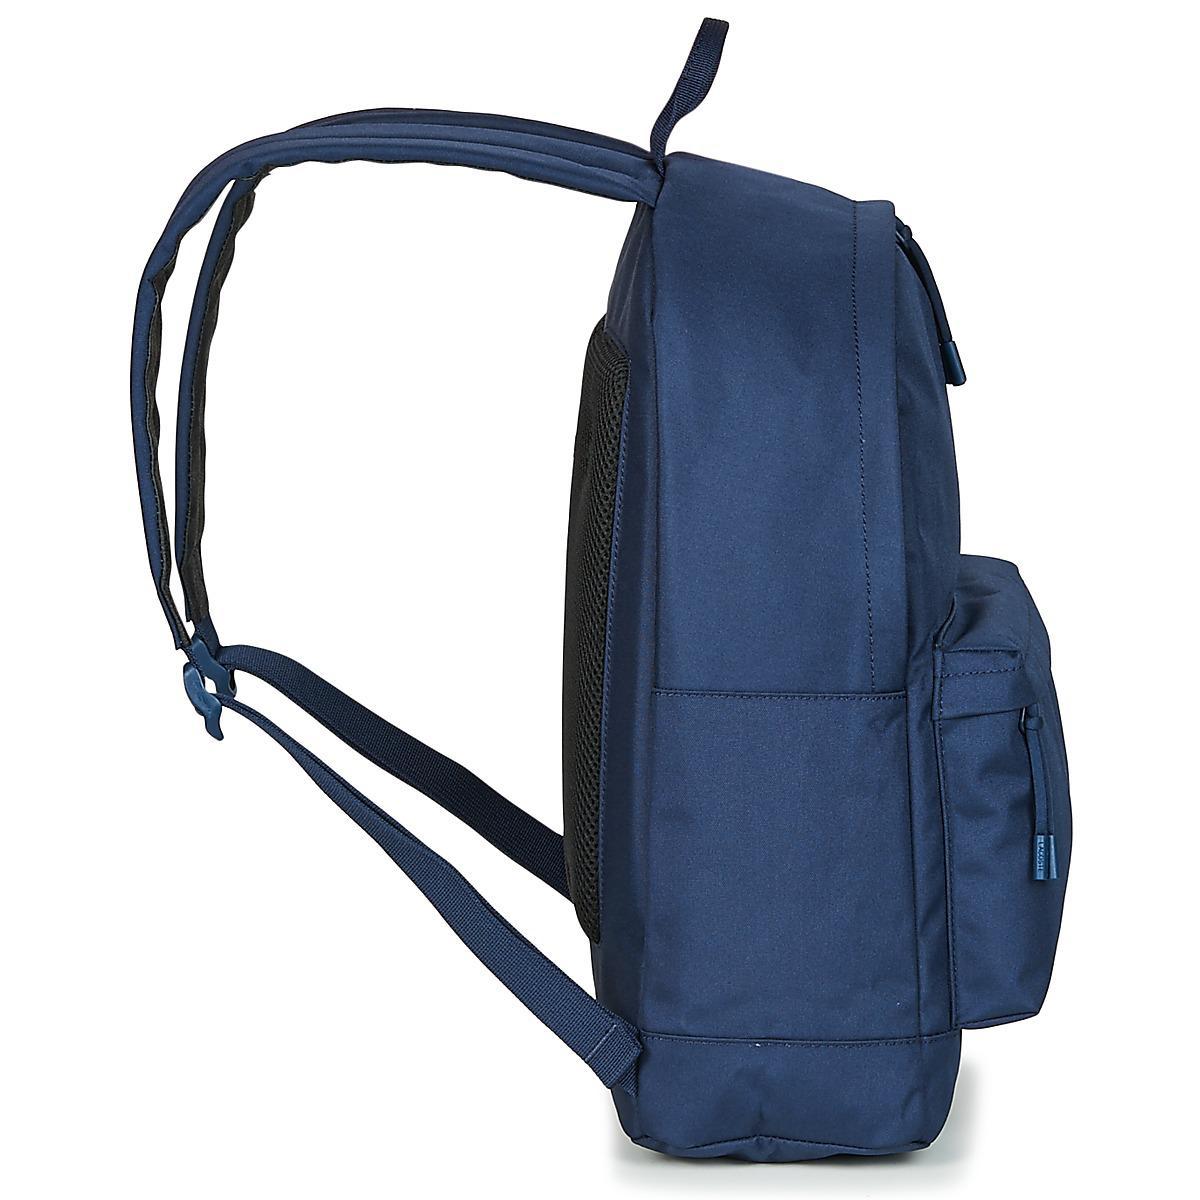 Coloris Lacoste Blue Backpack À Sac Bleu Neocroc Hommes Pour Homme Dos En Y76bfvImgy